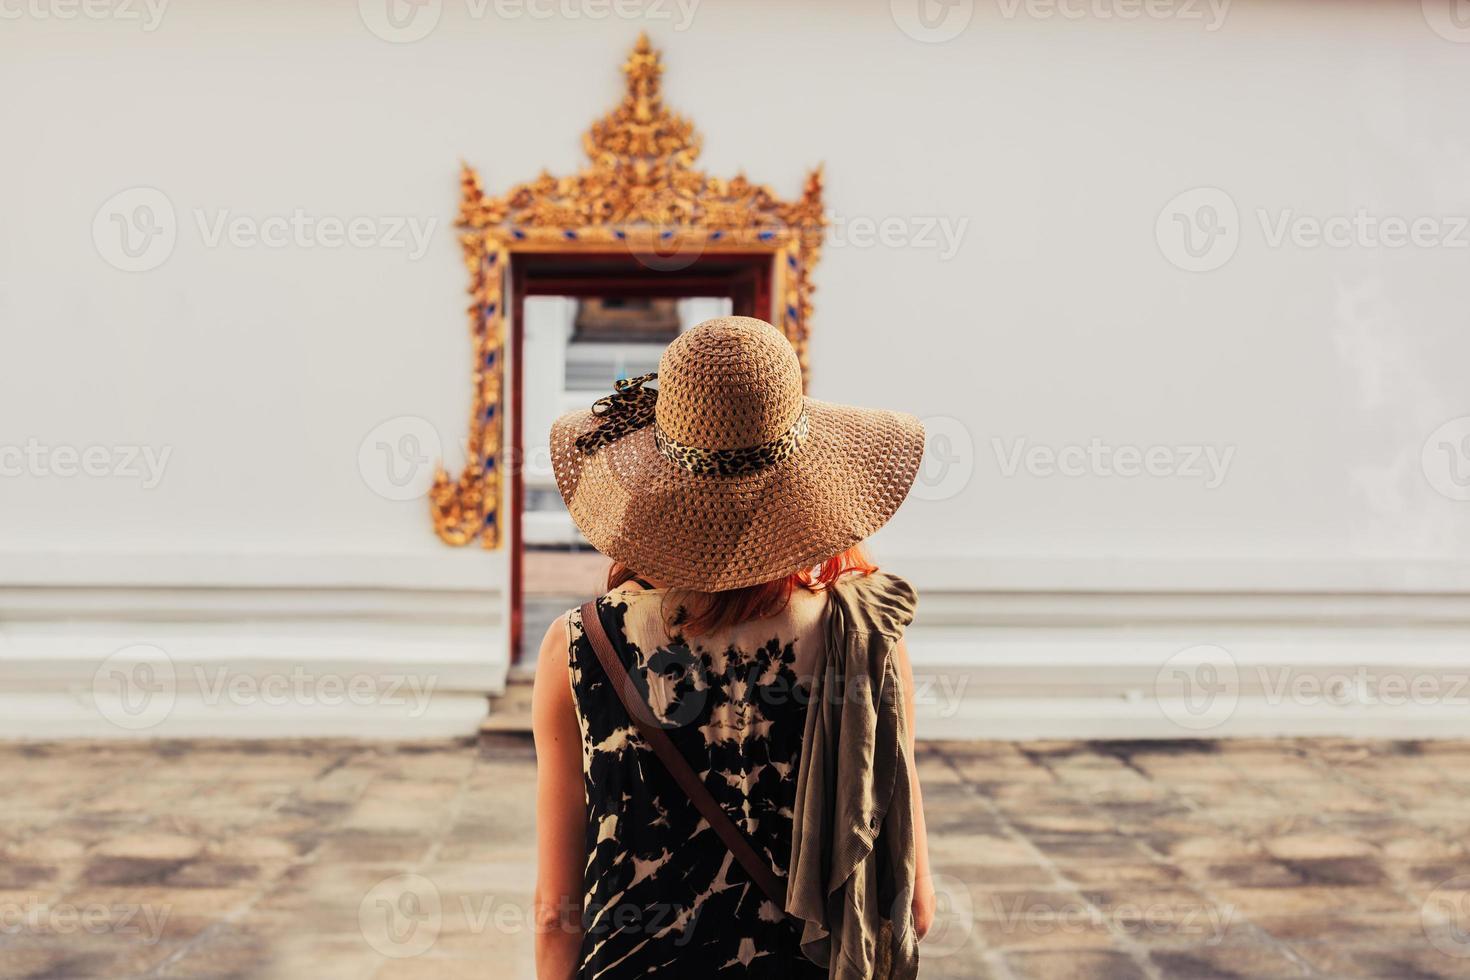 mulher olhando para a porta de um templo budista foto